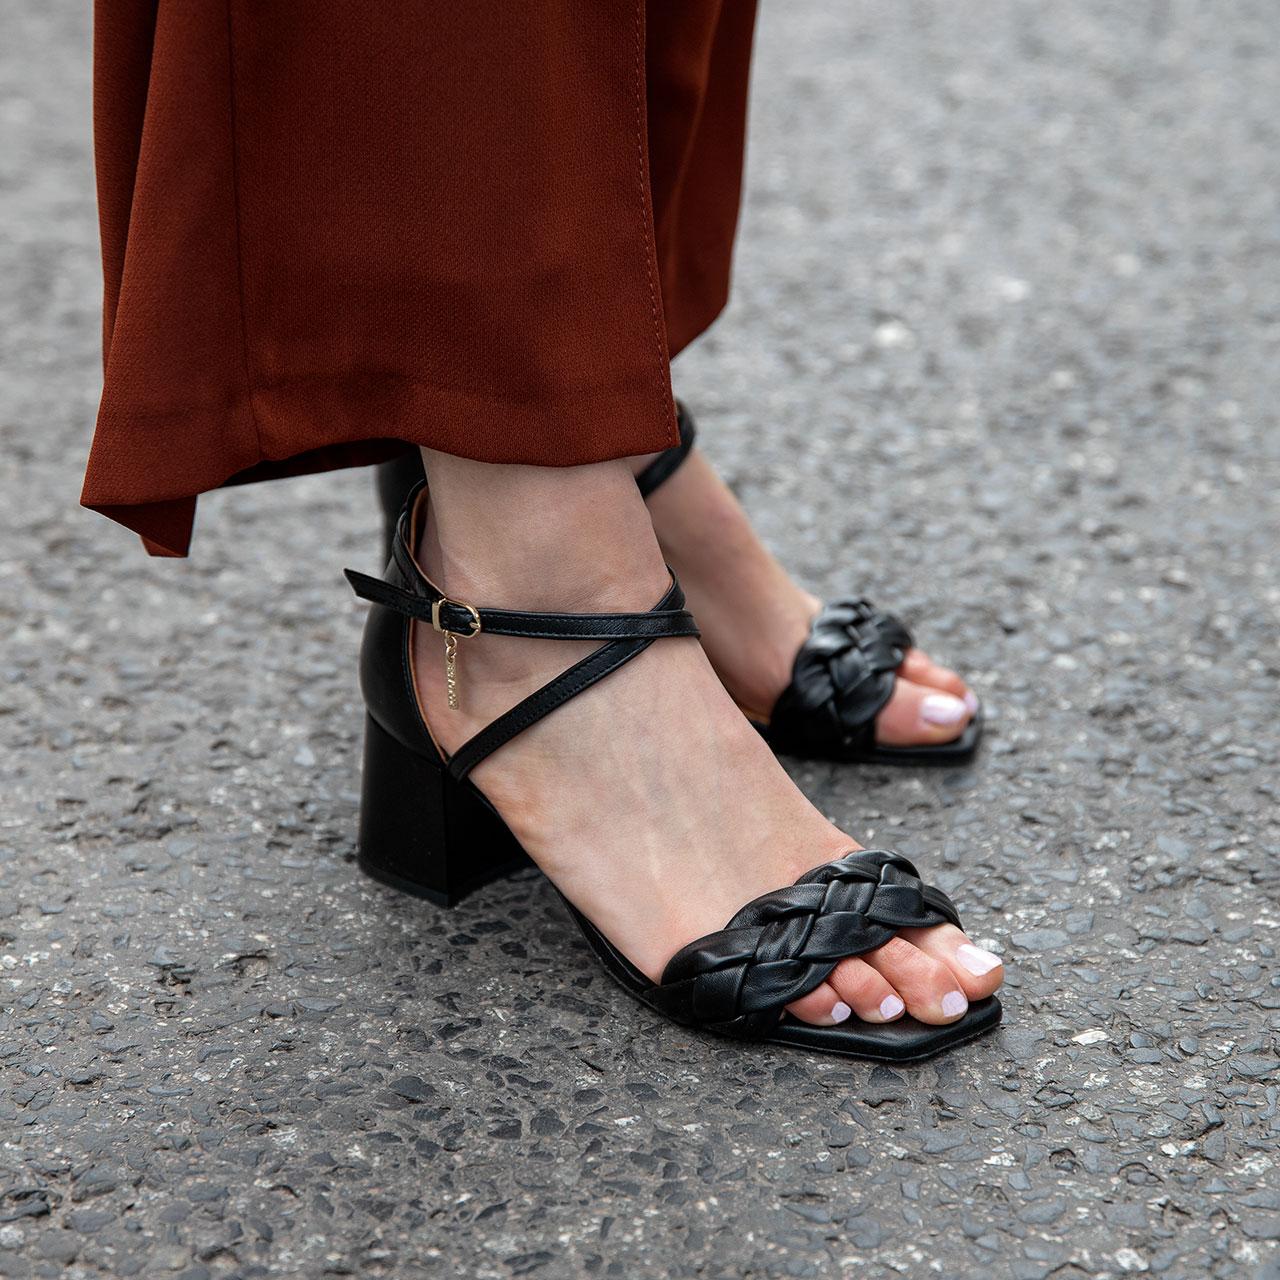 Czarne skórzane sandałki z regulowanym zapięciem